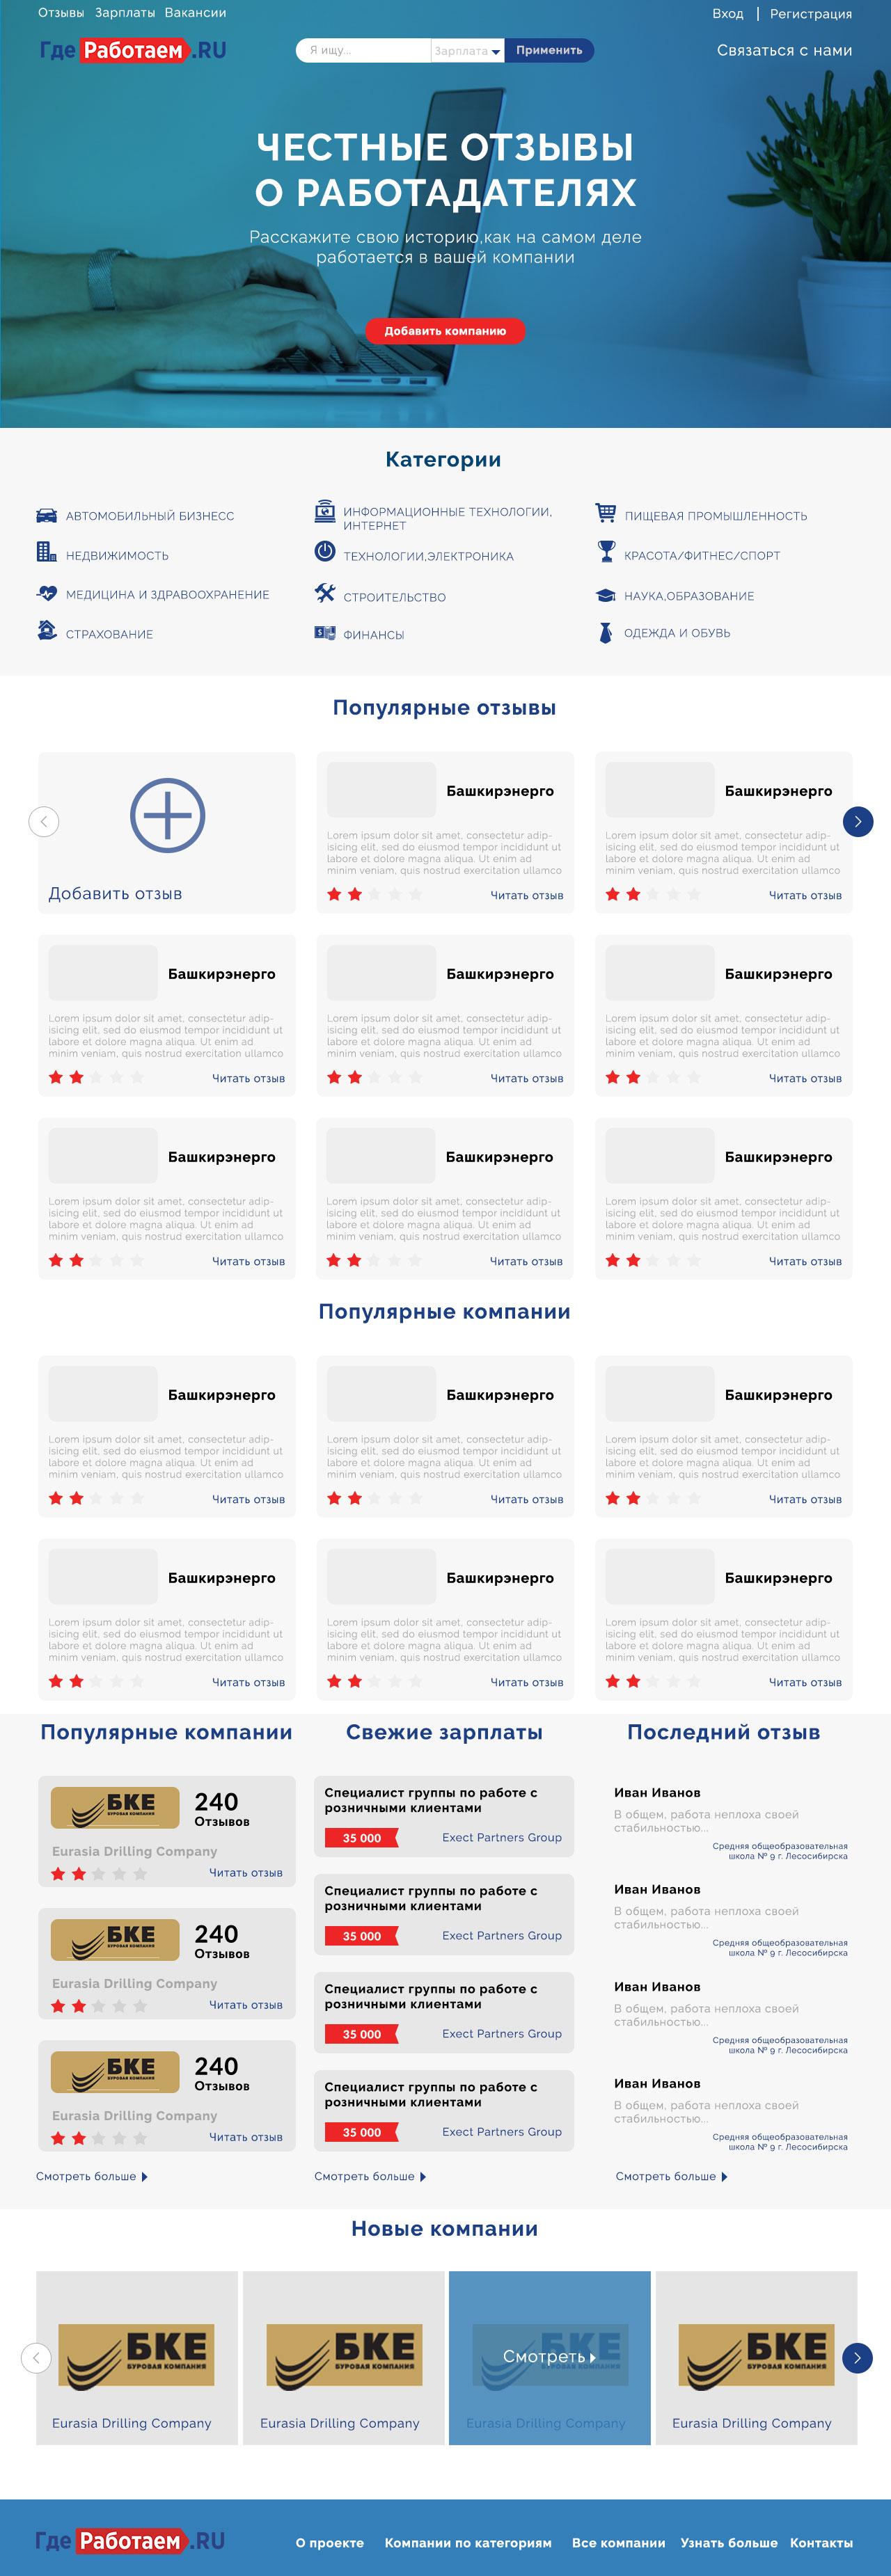 Дизайн сайта (Каталог работодателей)